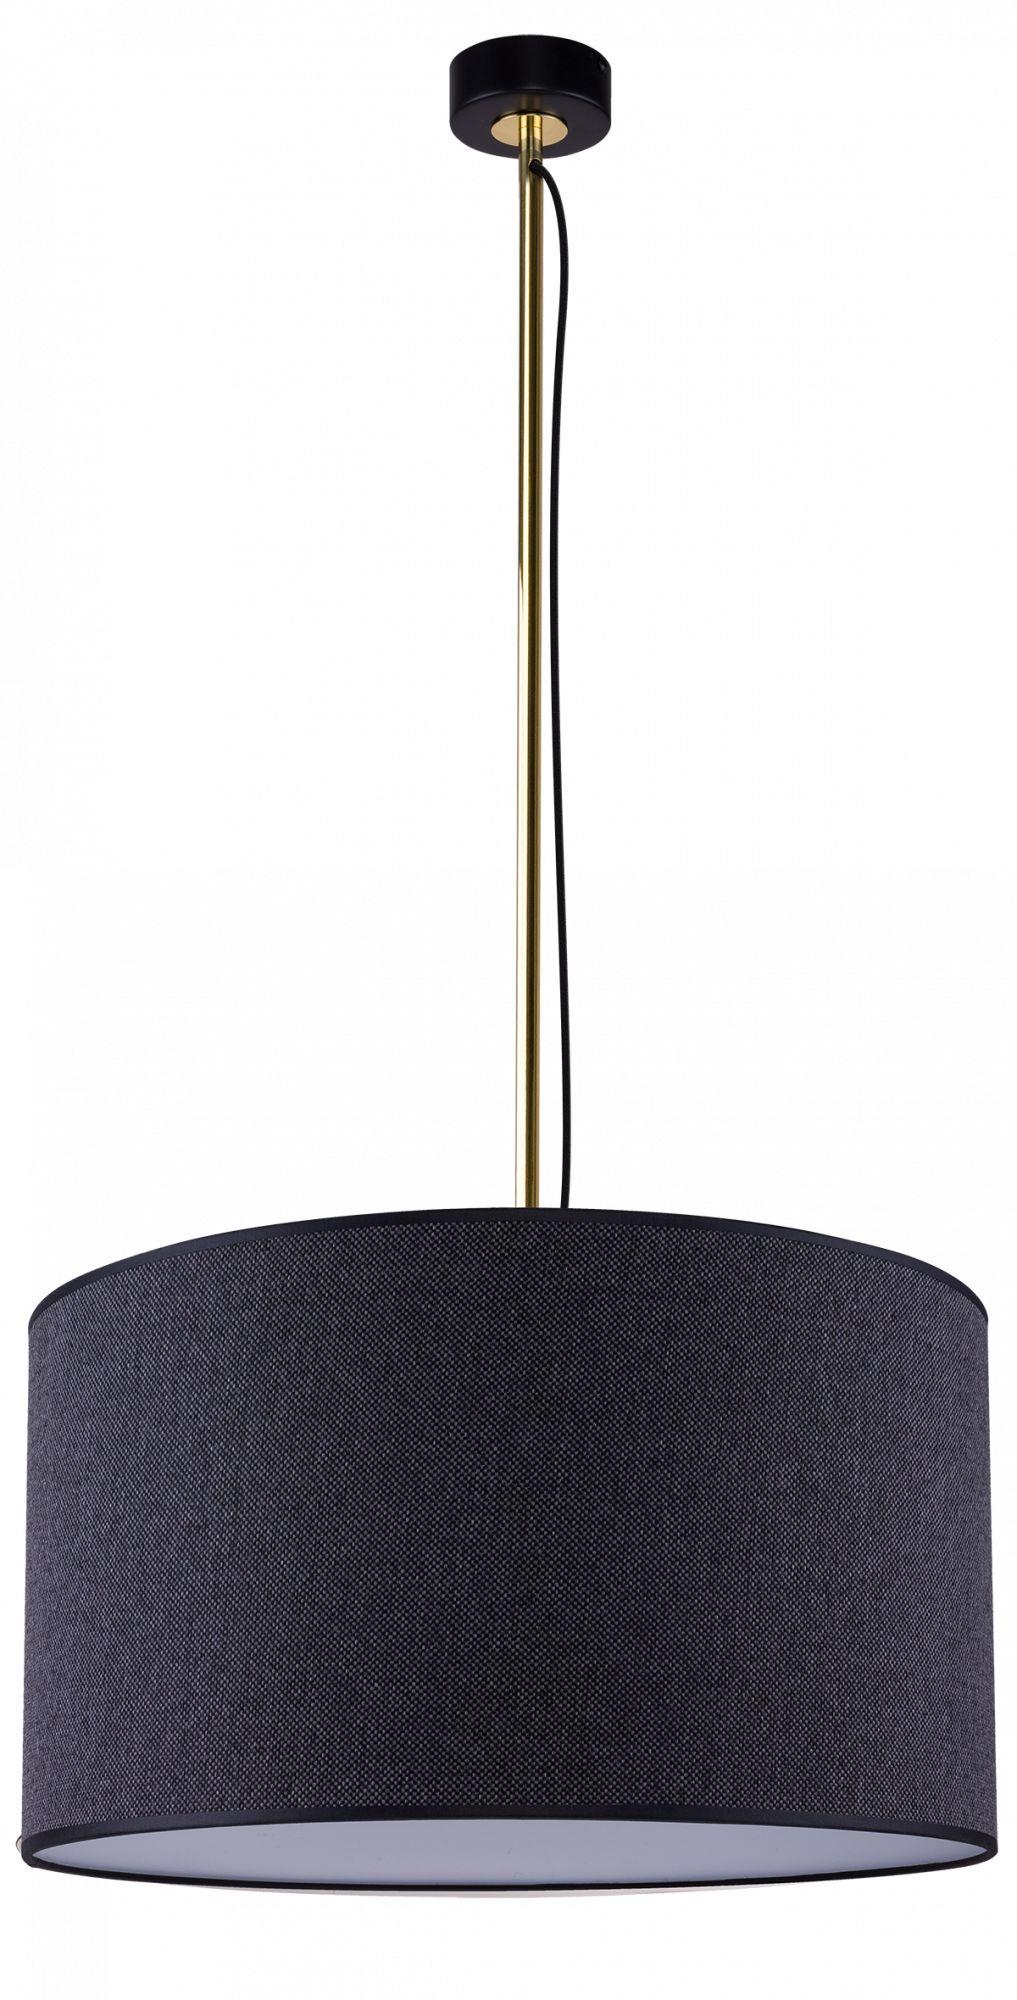 Lampa wisząca Dafo II Amplex nowoczesna oprawa w minimalistycznym stylu